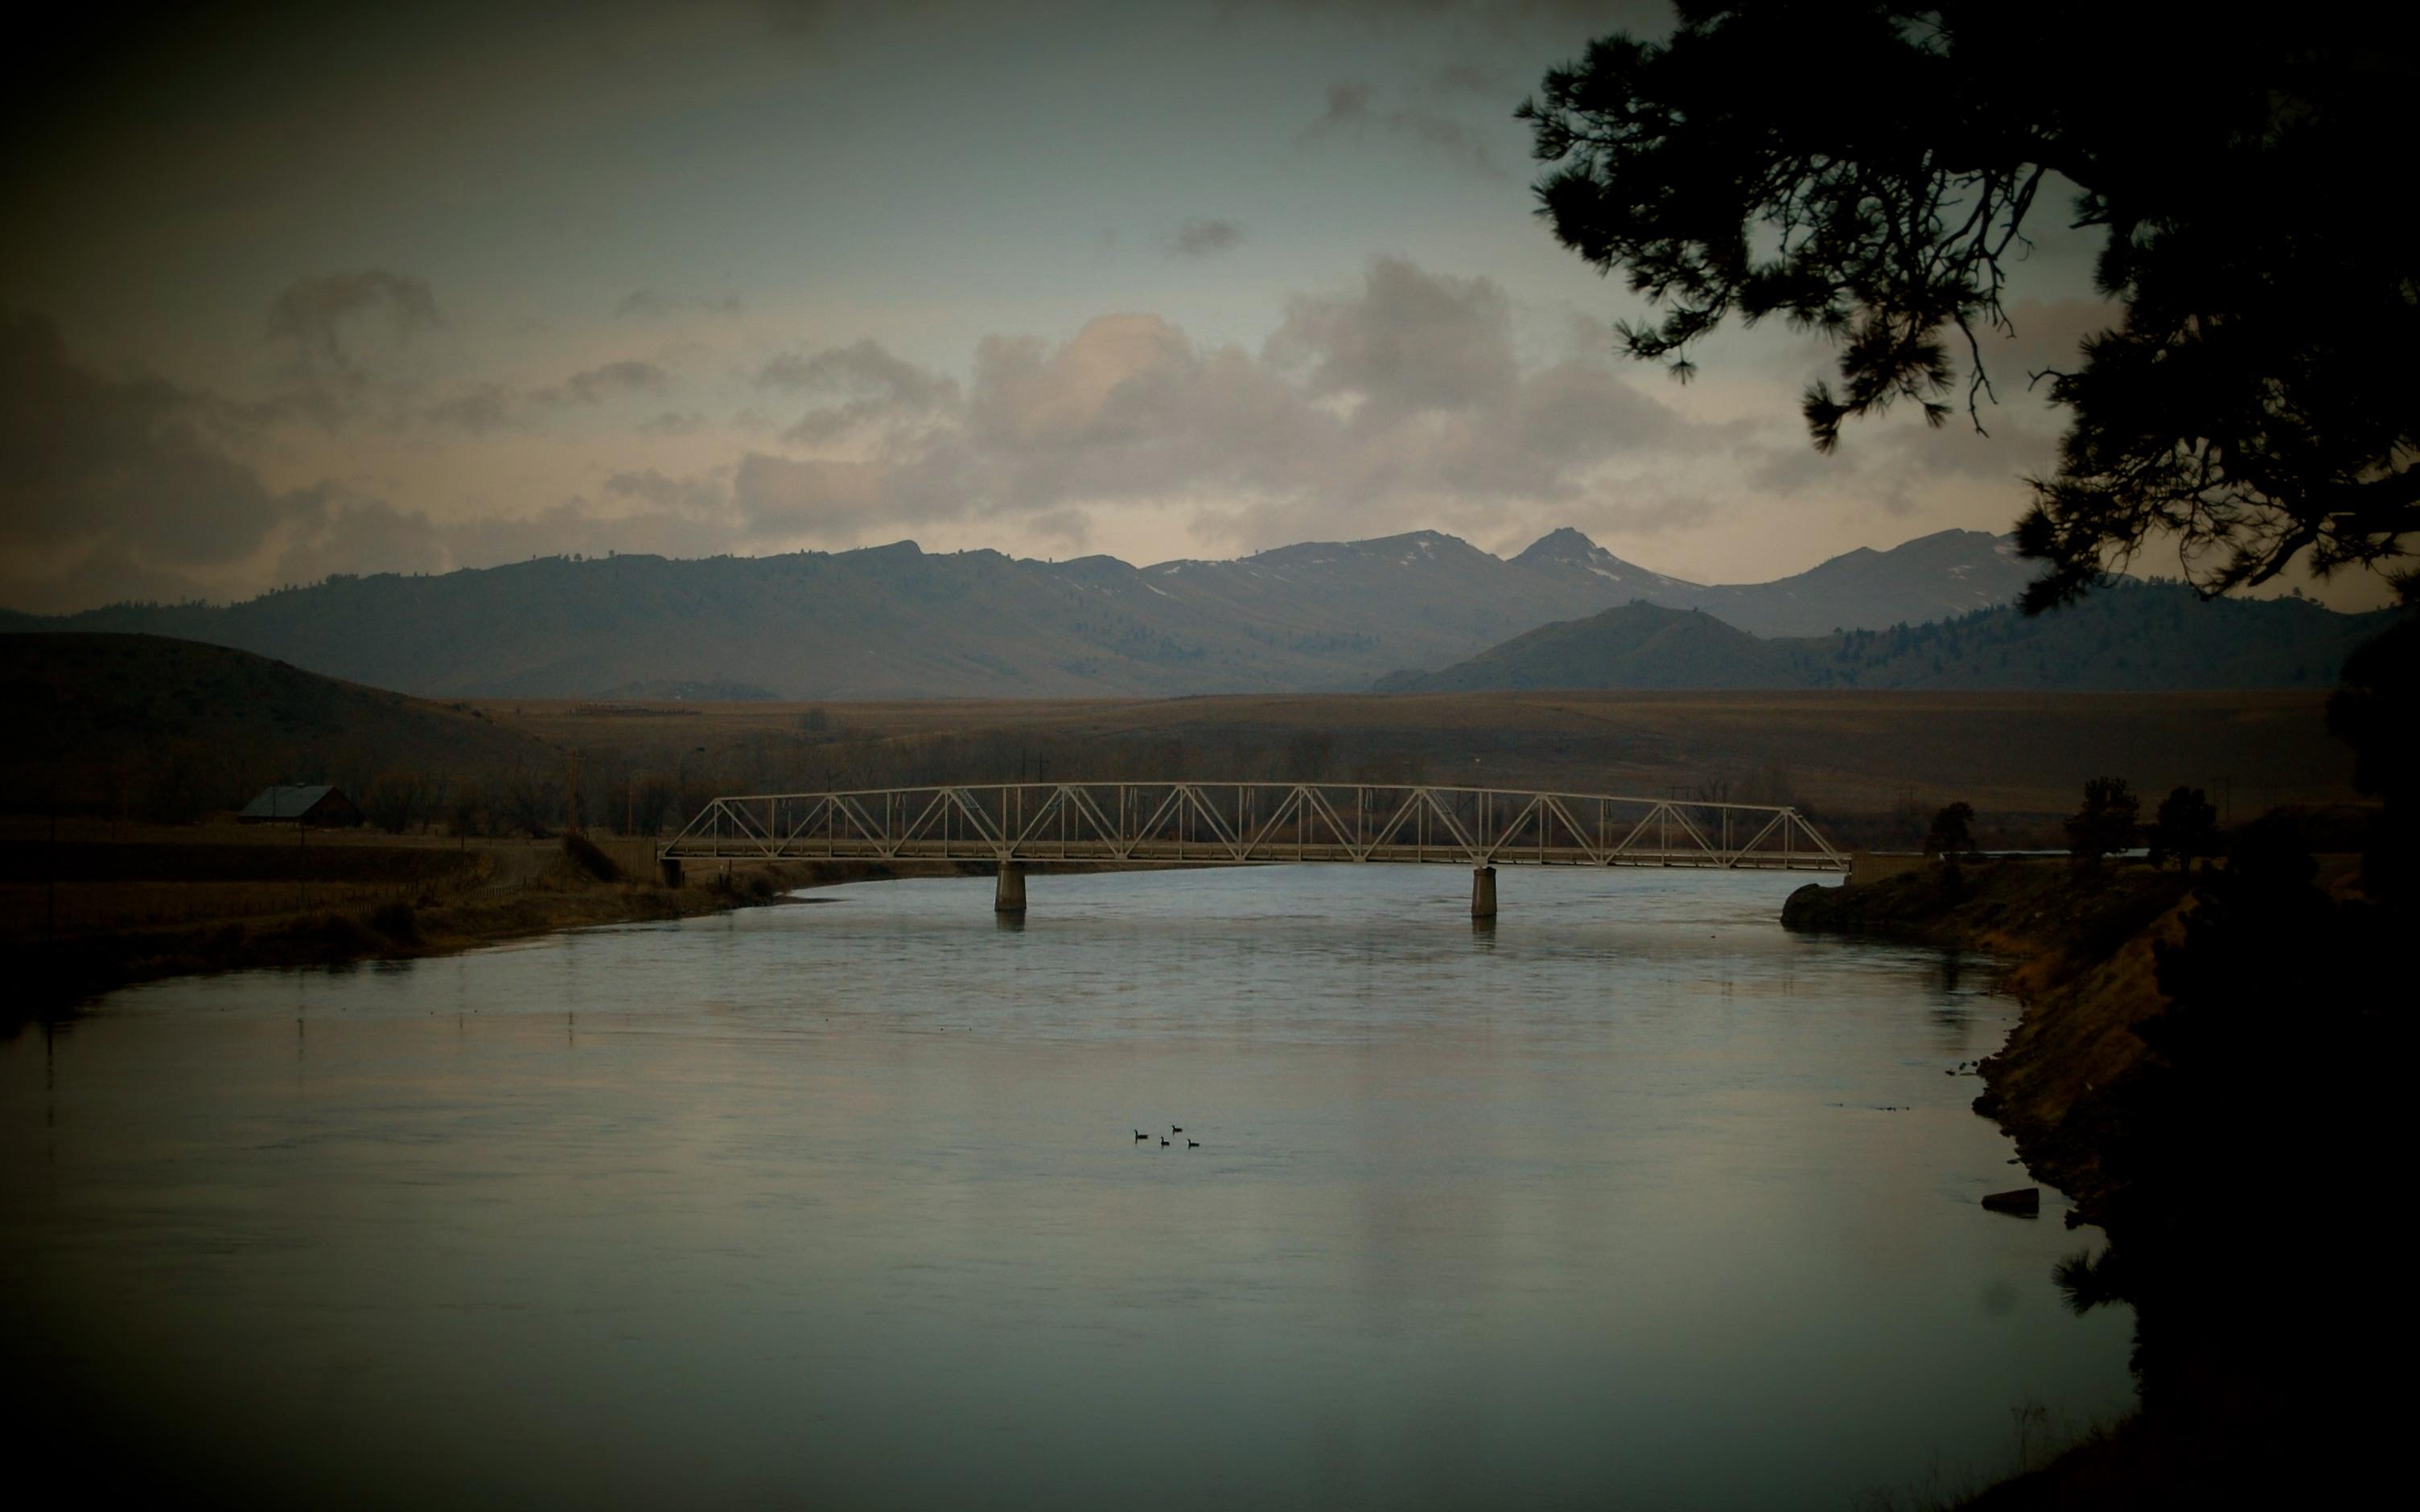 wolf-creek-bridge-montana